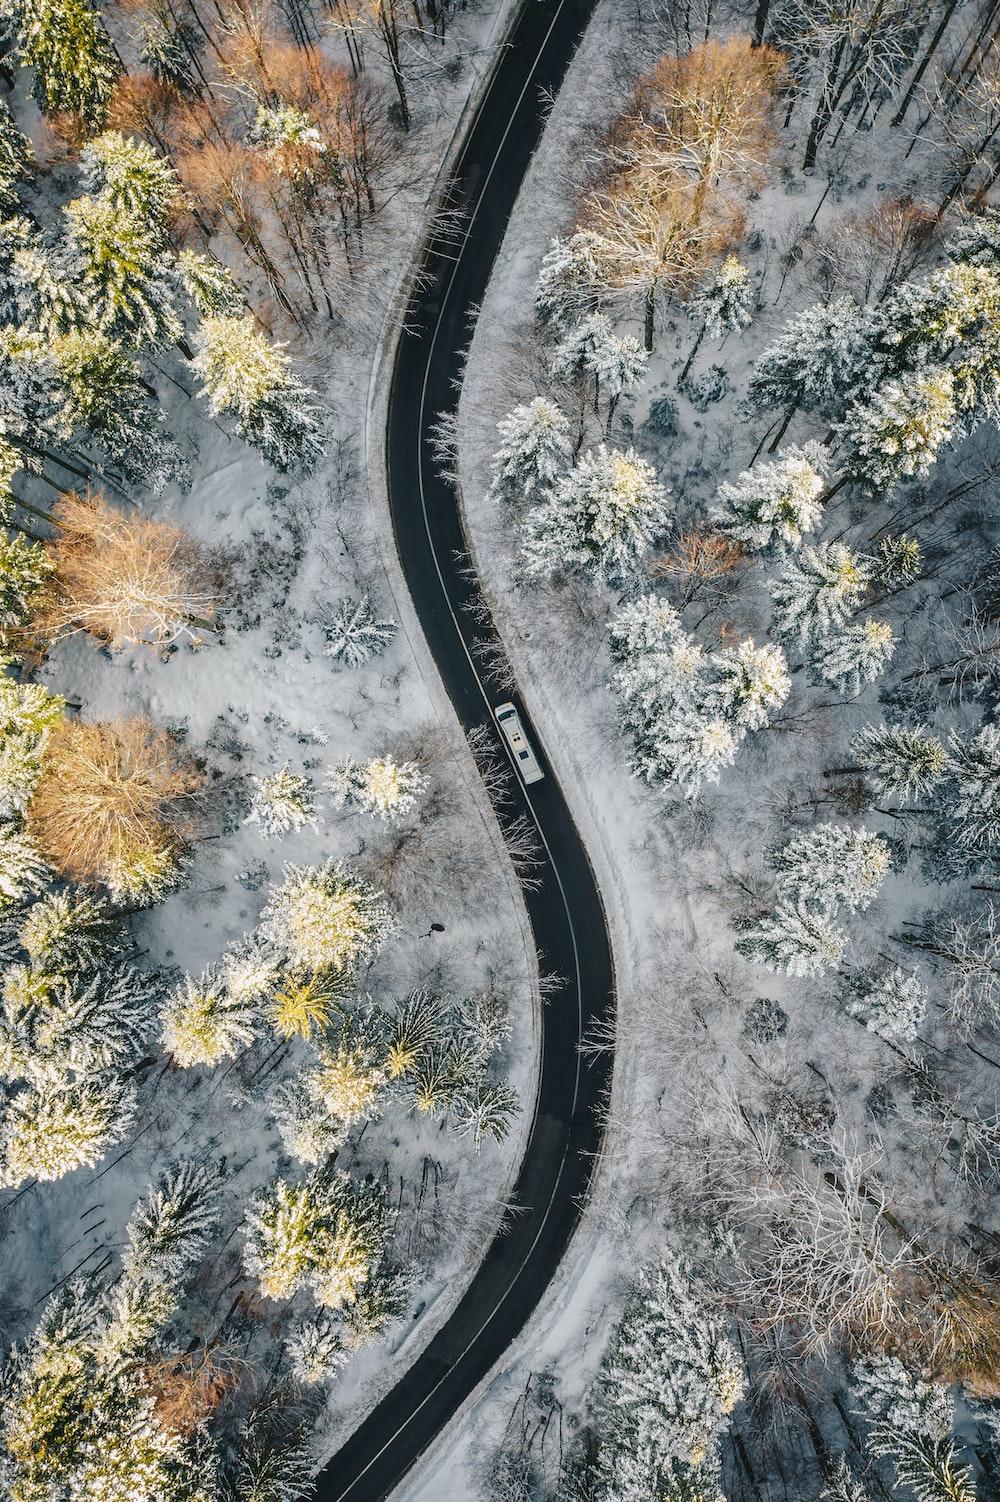 aerial view of road in between trees